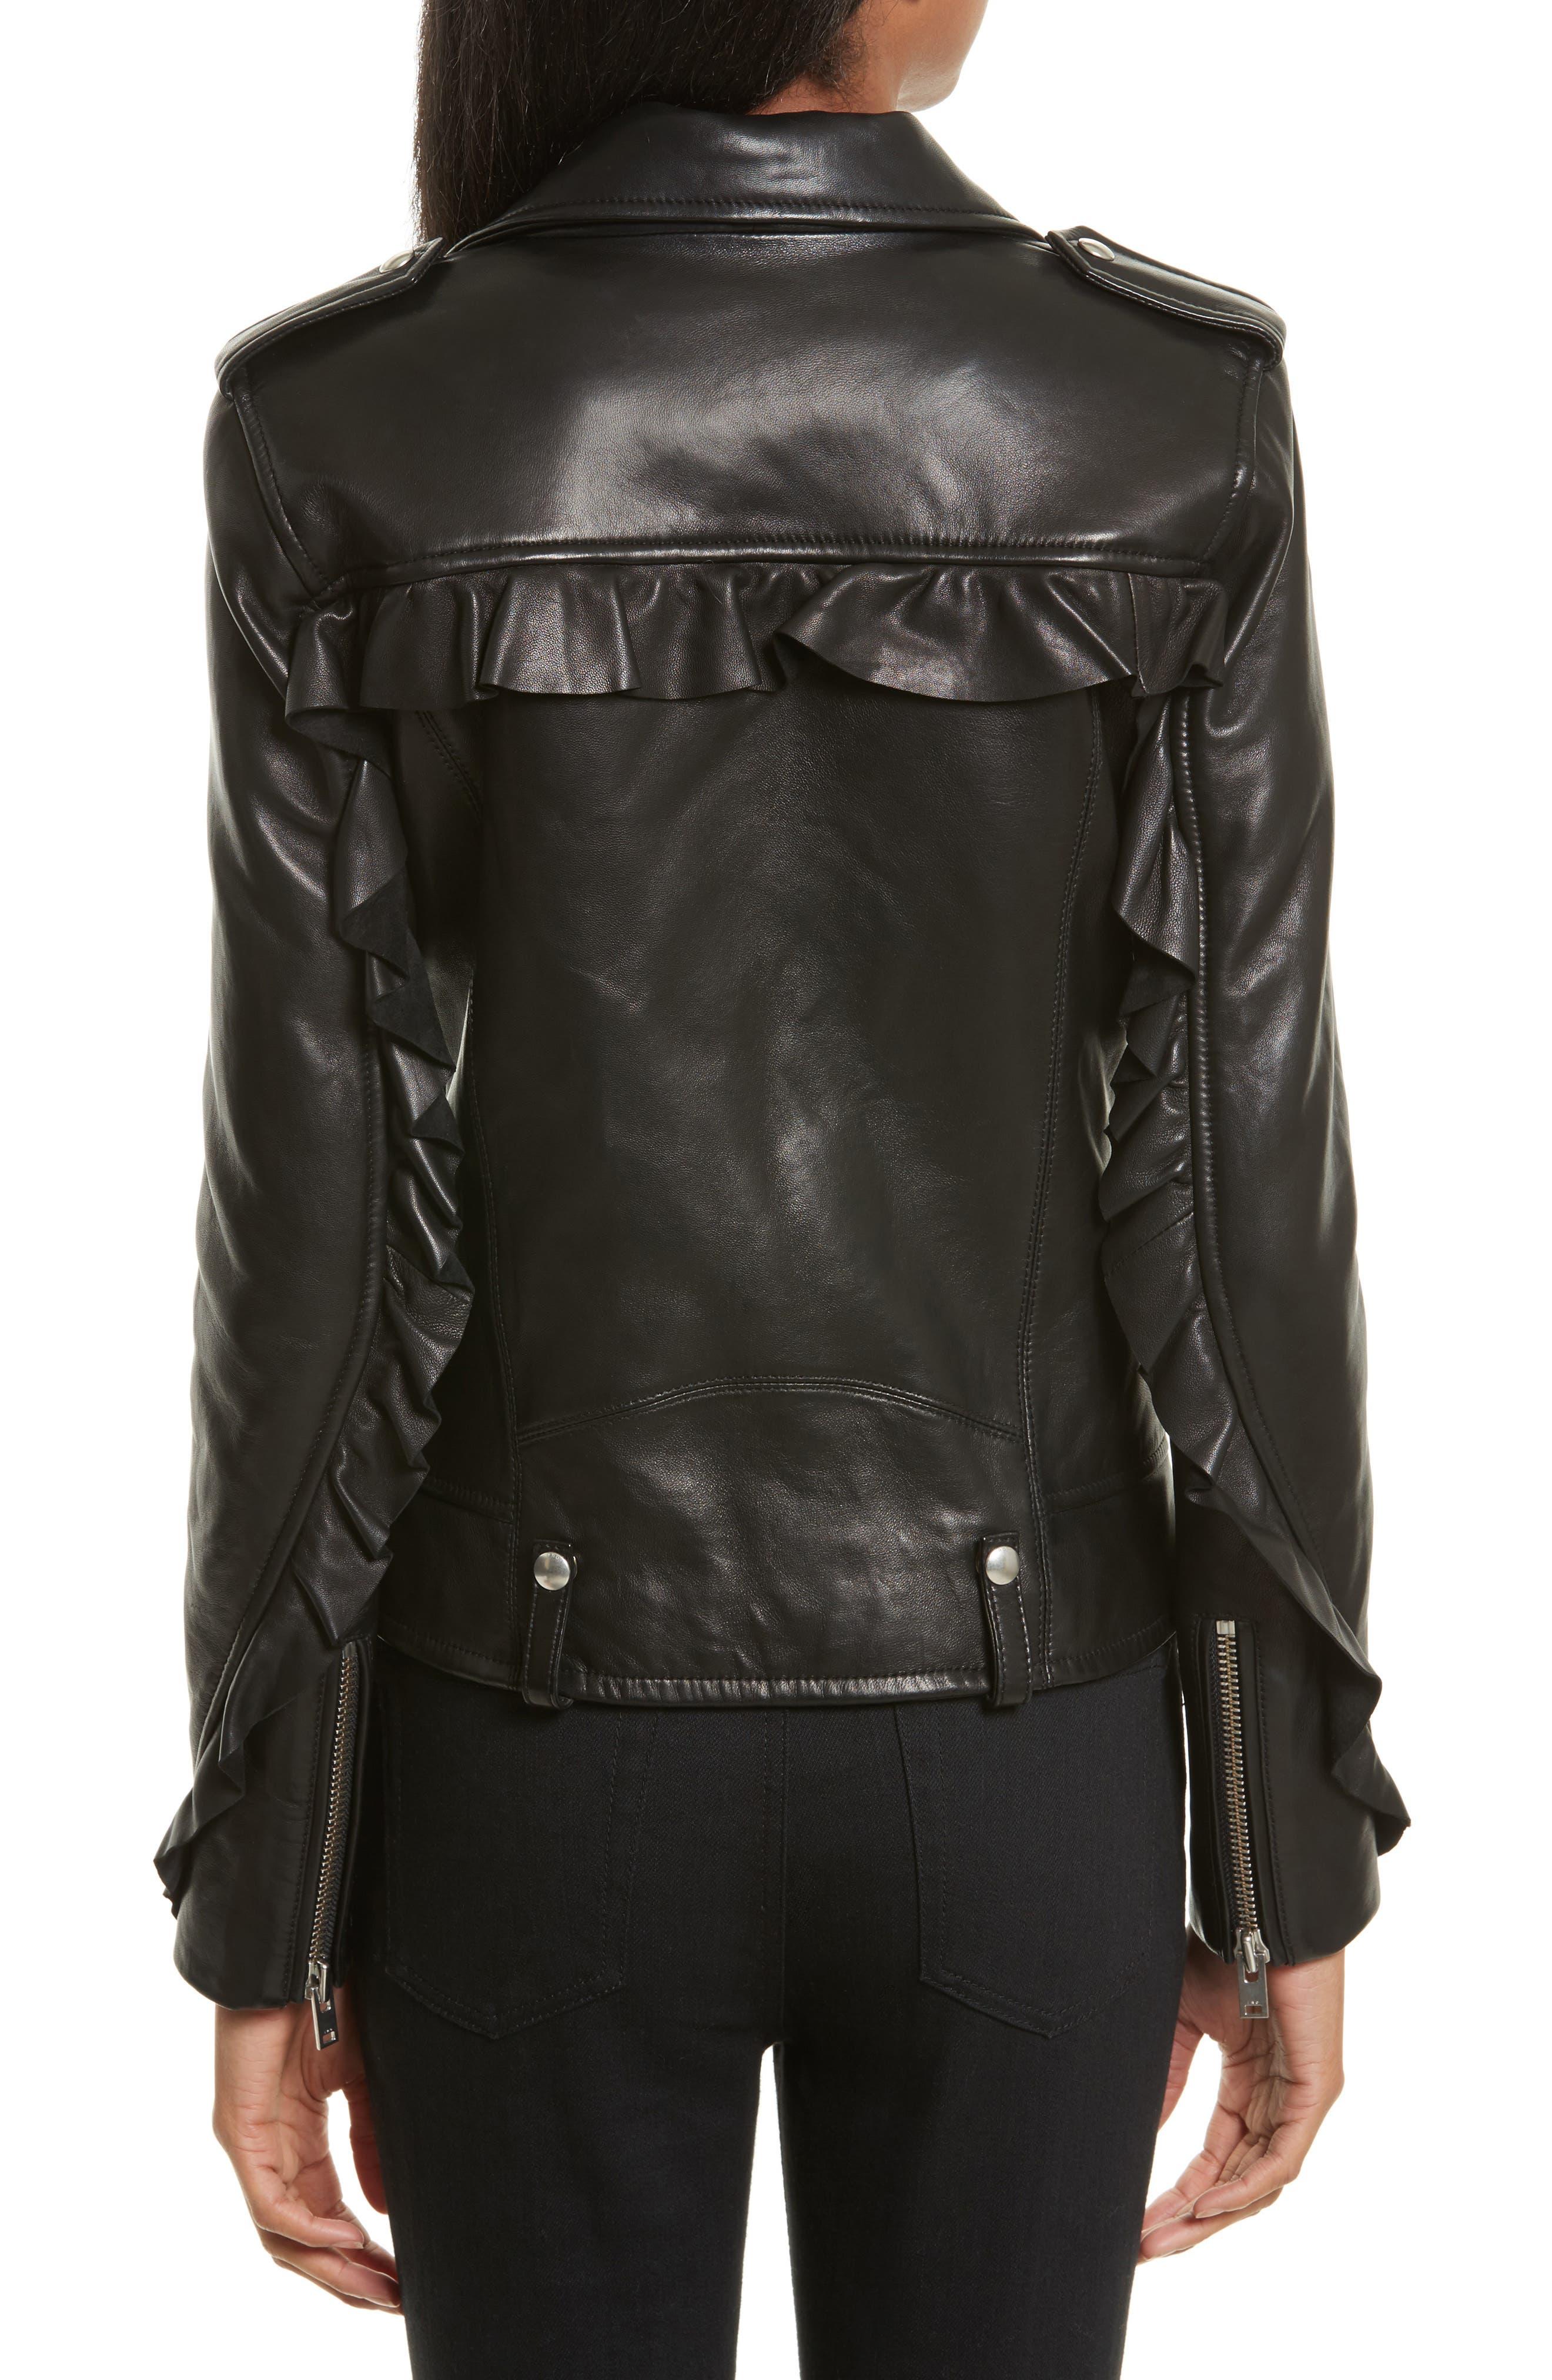 Dumont Leather Jacket,                             Alternate thumbnail 2, color,